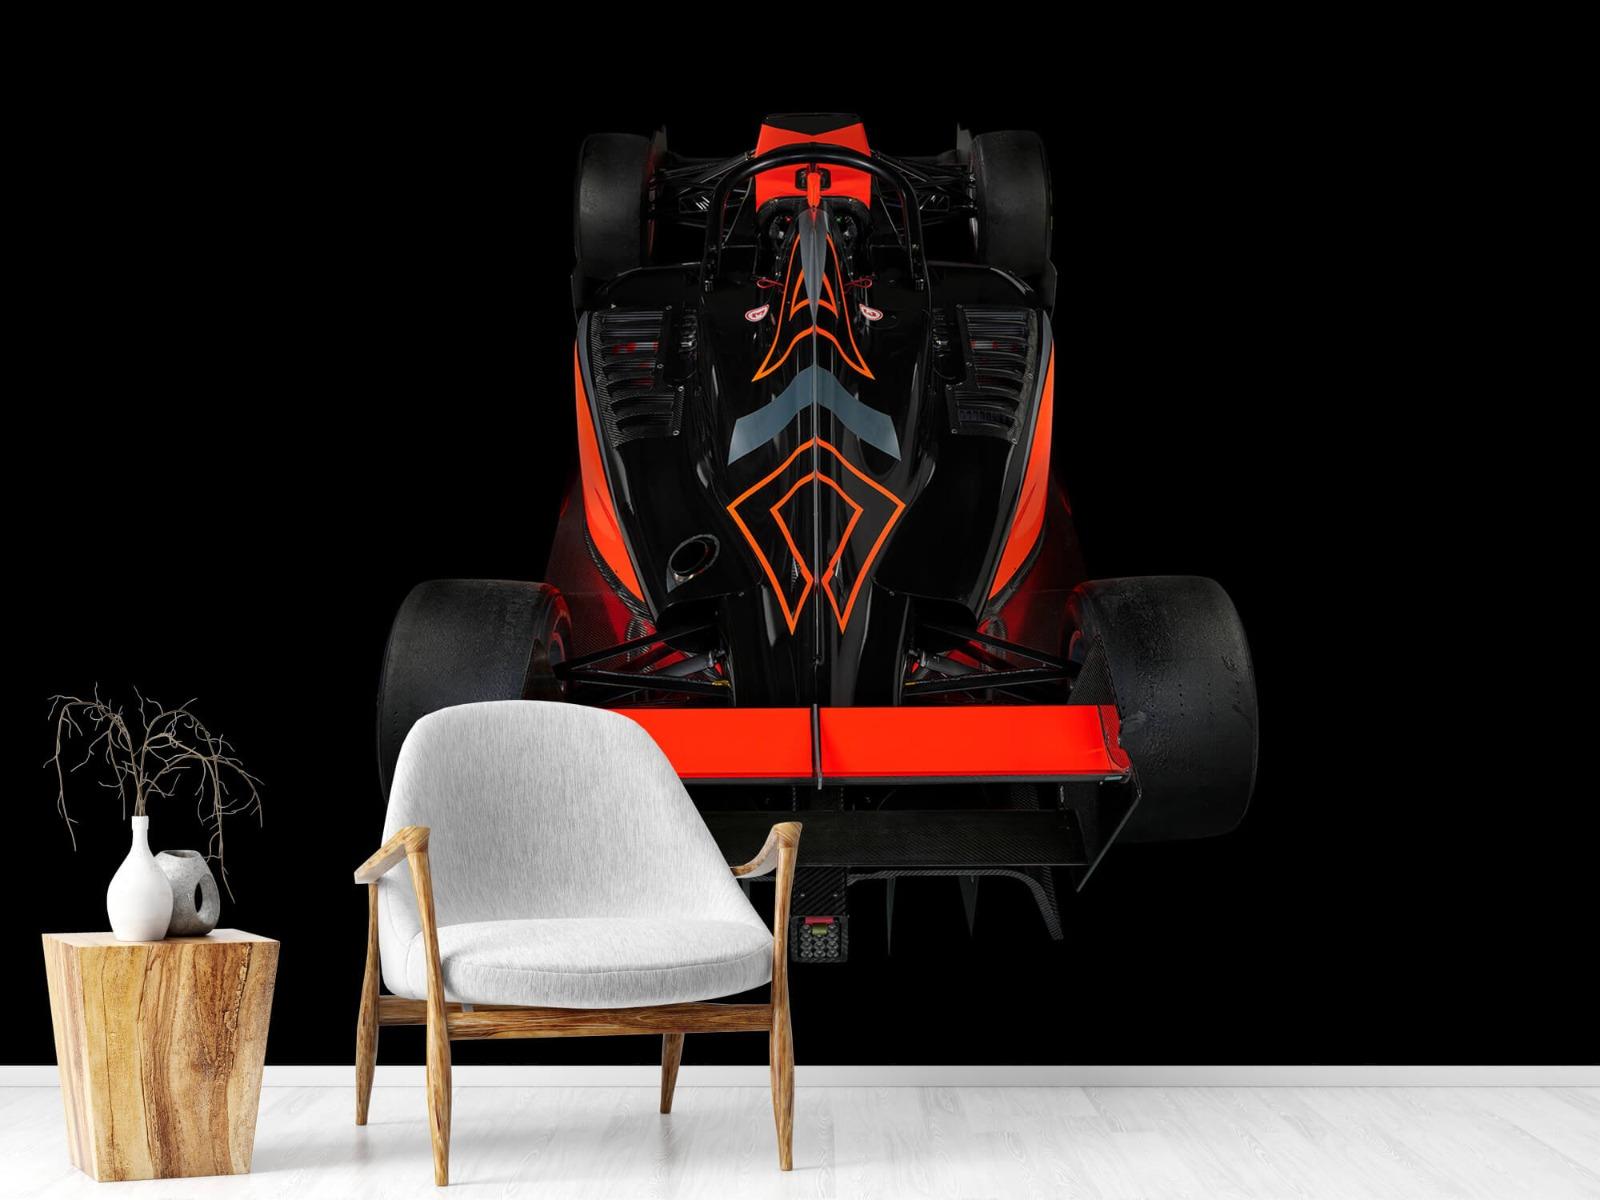 Sportauto's - Formule 3 - Rear view - dark - Tienerkamer 18